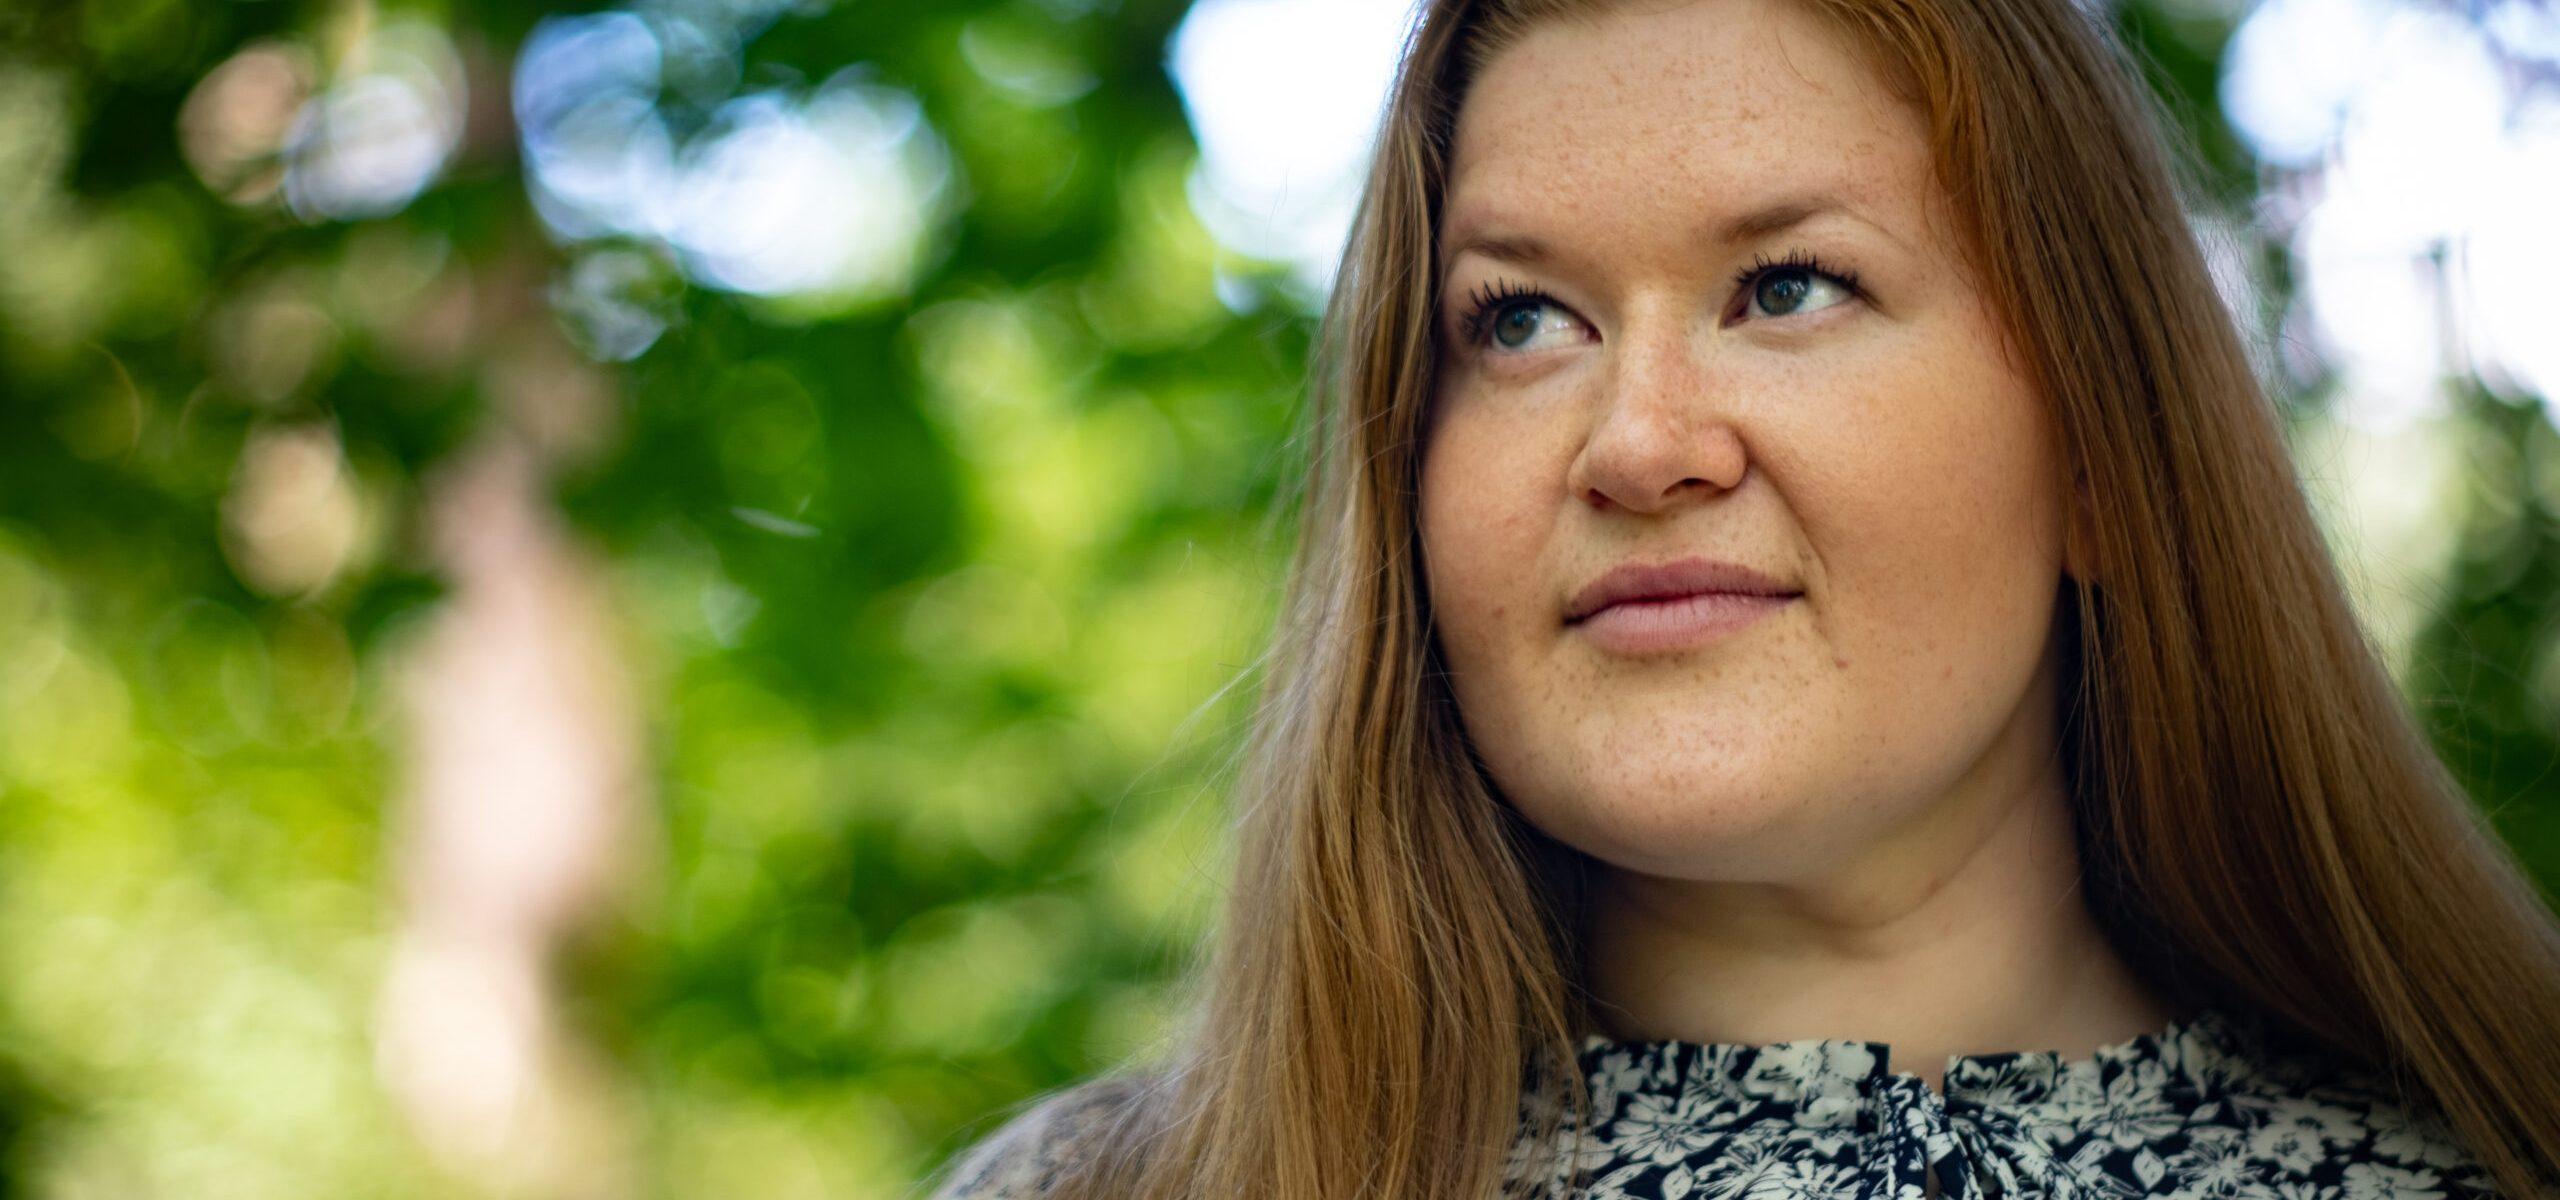 Synnøve Brøndbo Plassen. Foto av Zosha Warpeha.